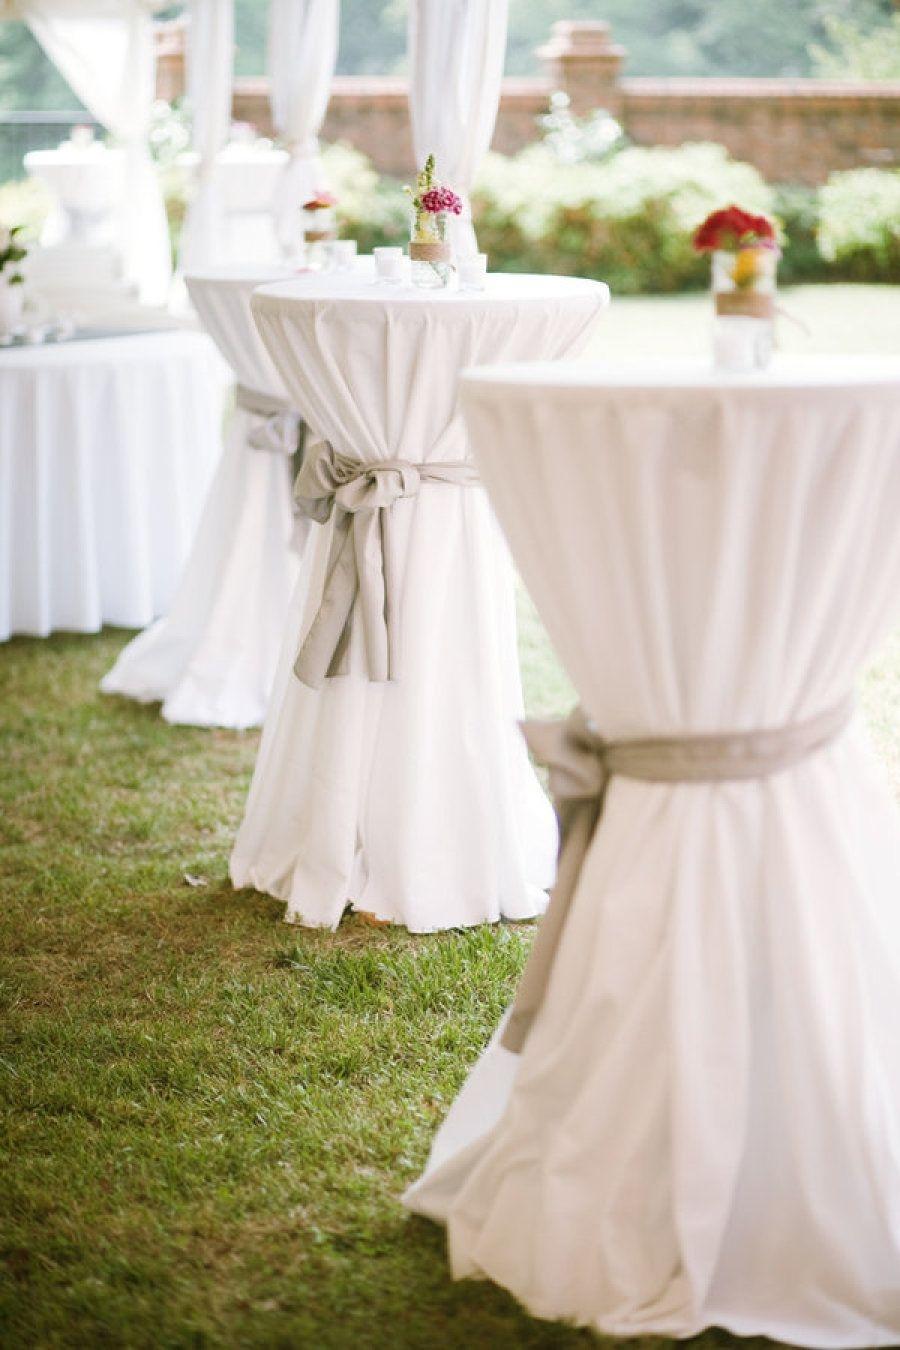 Etonnant White Cocktail Tables 19